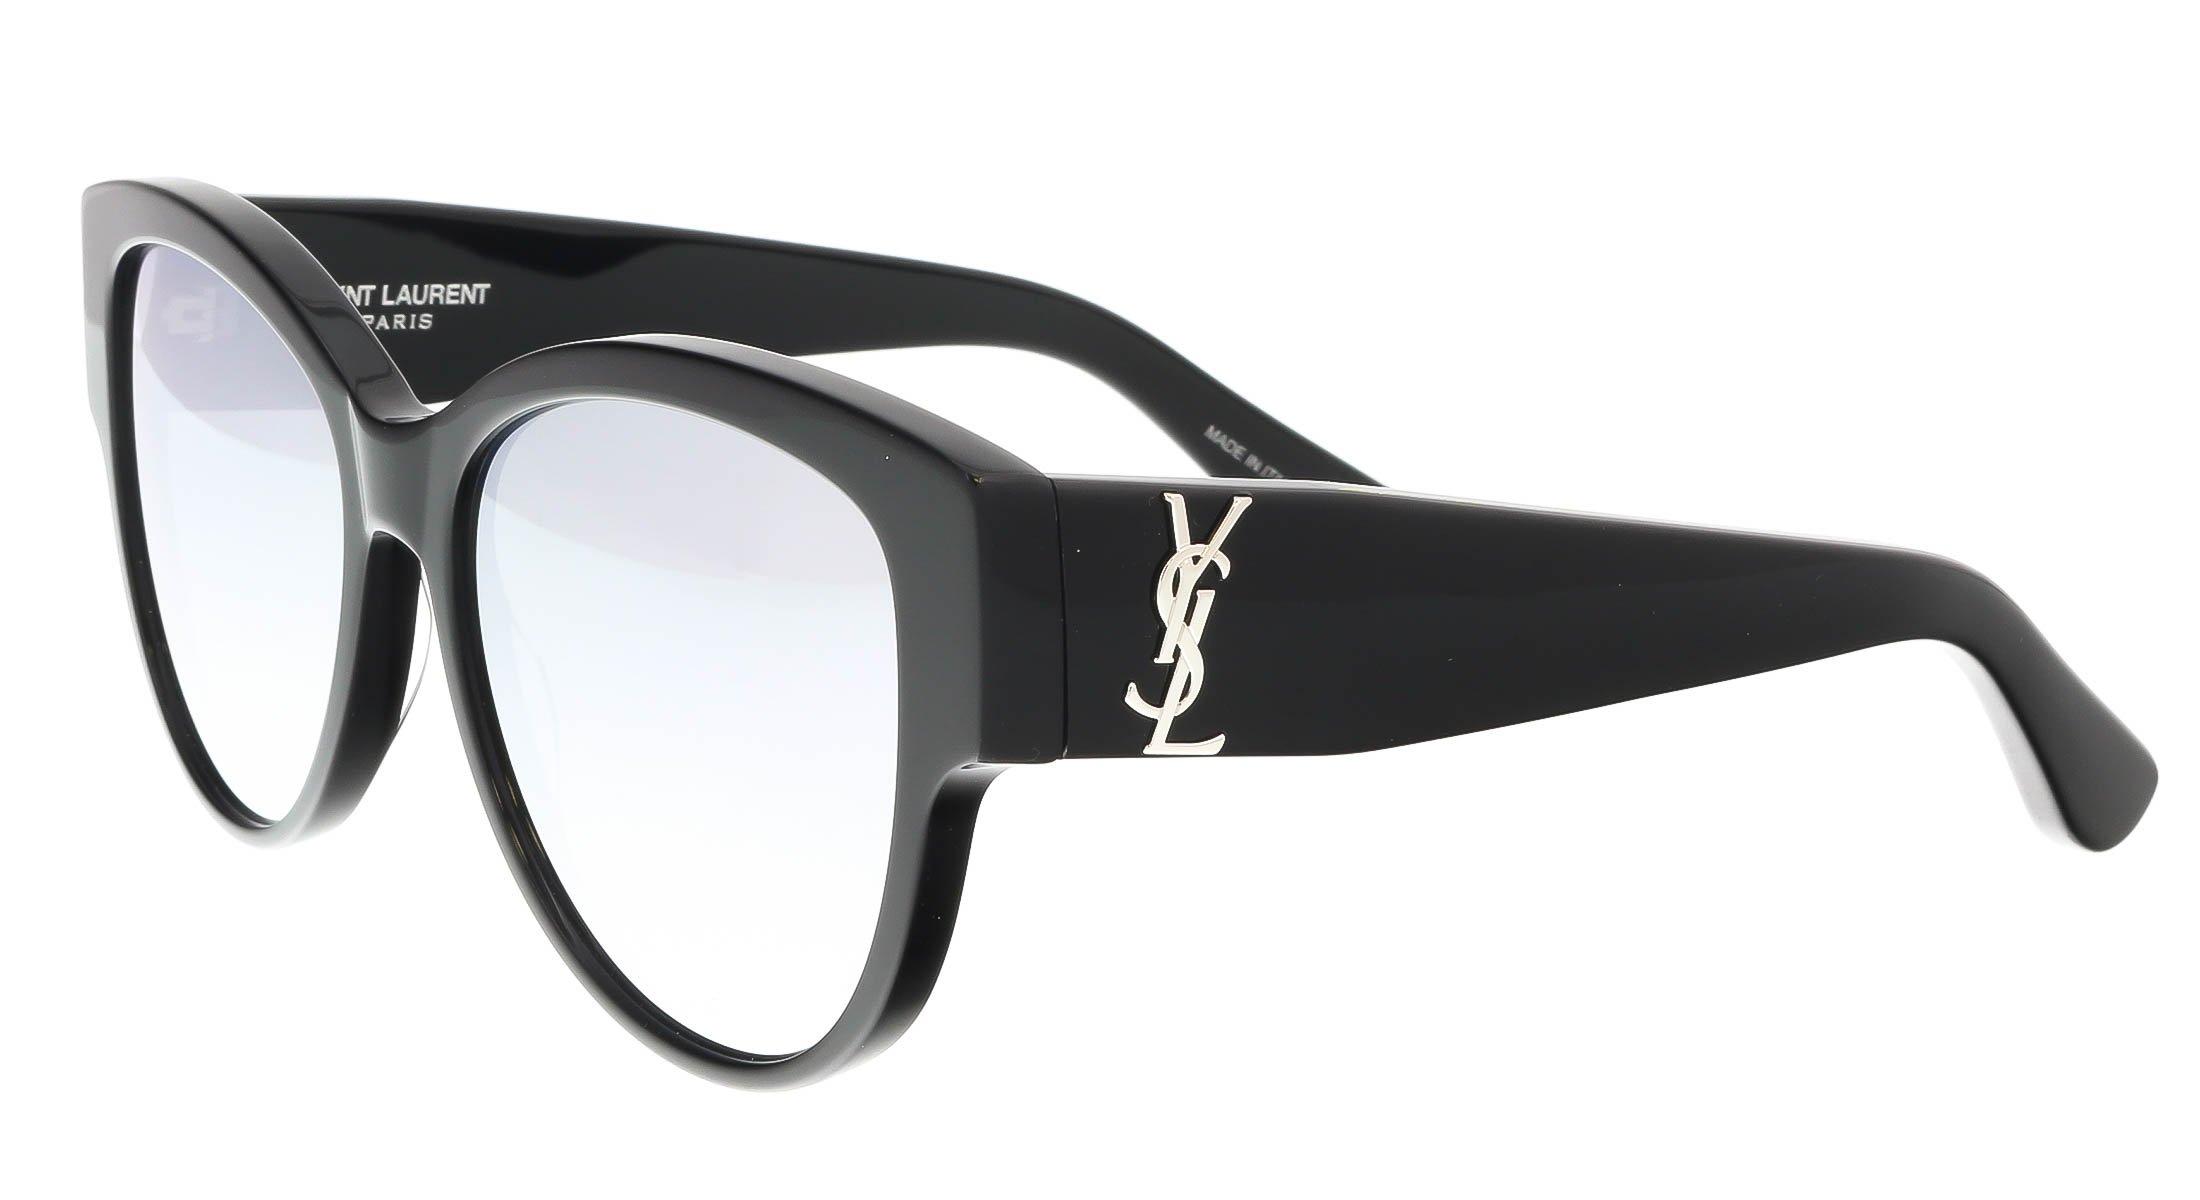 Sunglasses Saint Laurent M 3 SL M 003 BLACK / SILVER / BLACK by Saint Laurent